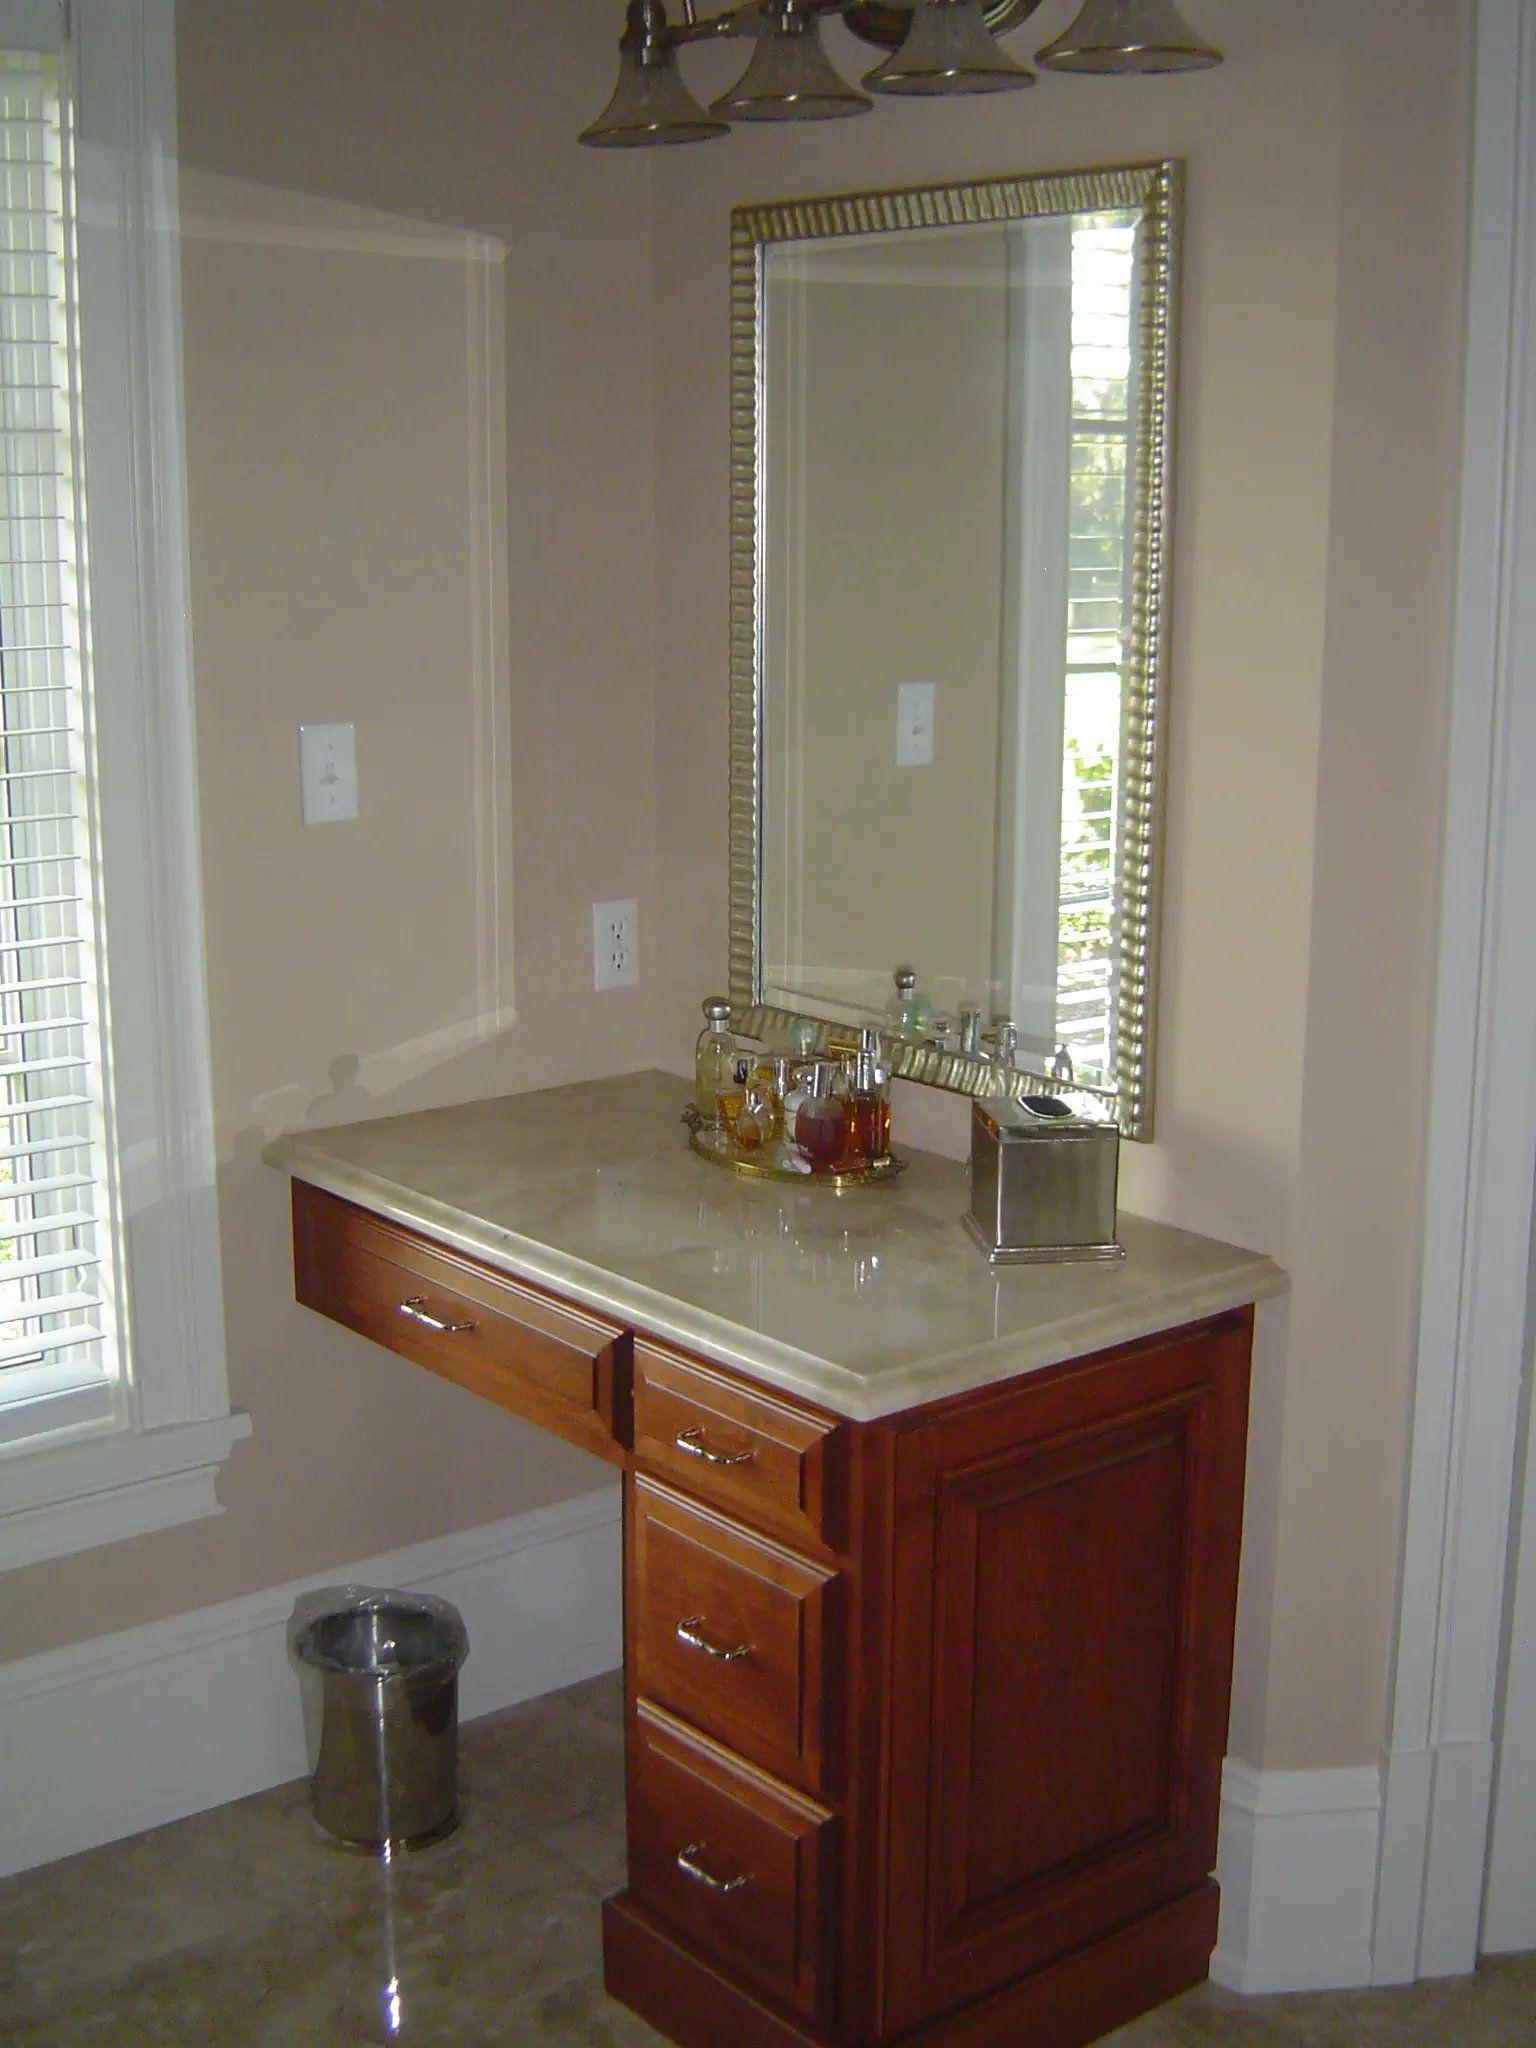 Custom Sinkless Vanity Stained Knee Drawer Custom Cabinetry Custom Cabinets Cabinetry